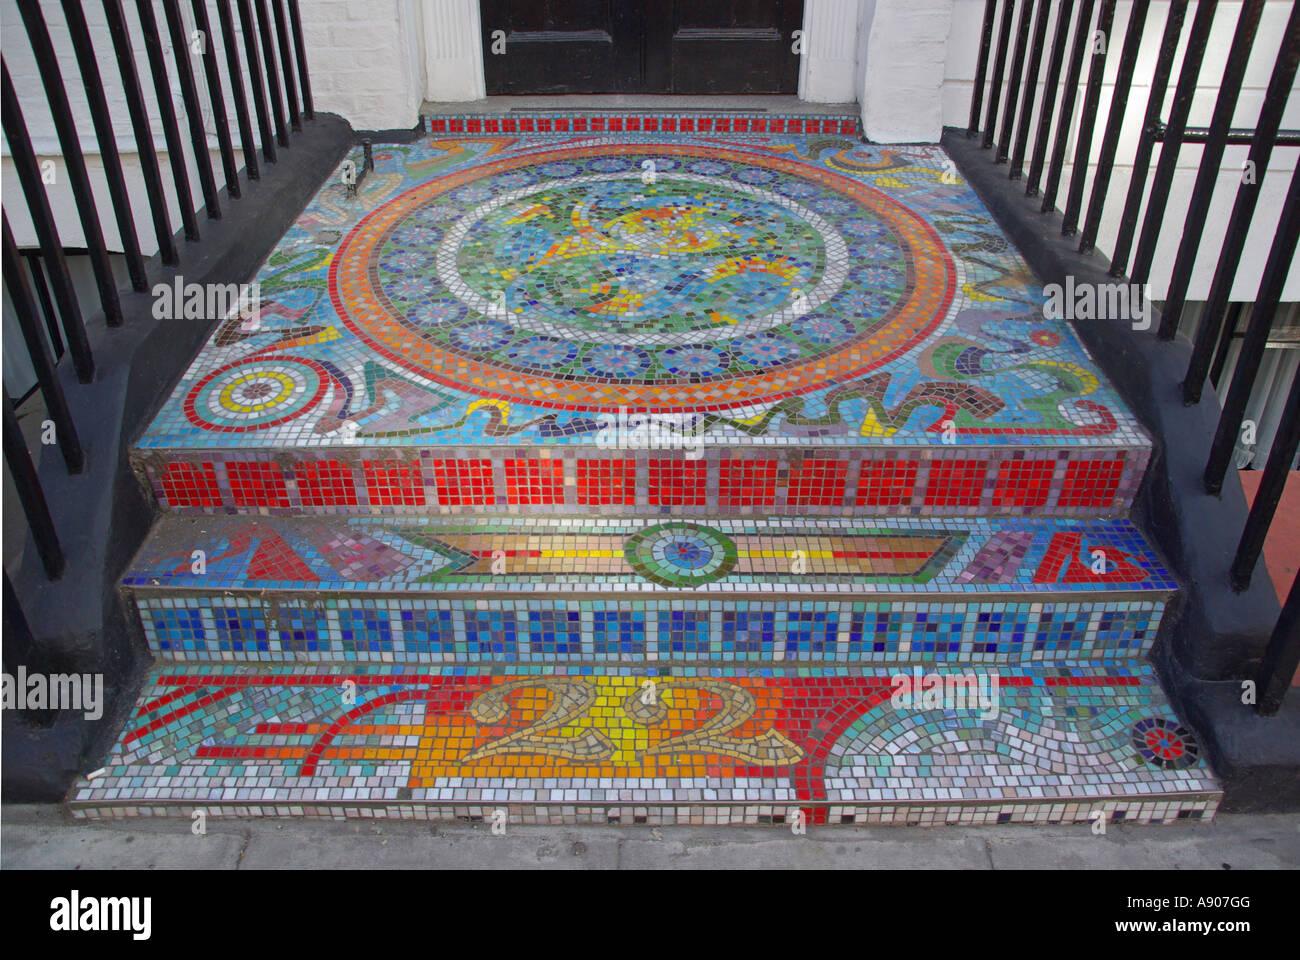 Front Door Step mosaic pavement front door step & entrance doorway bridging